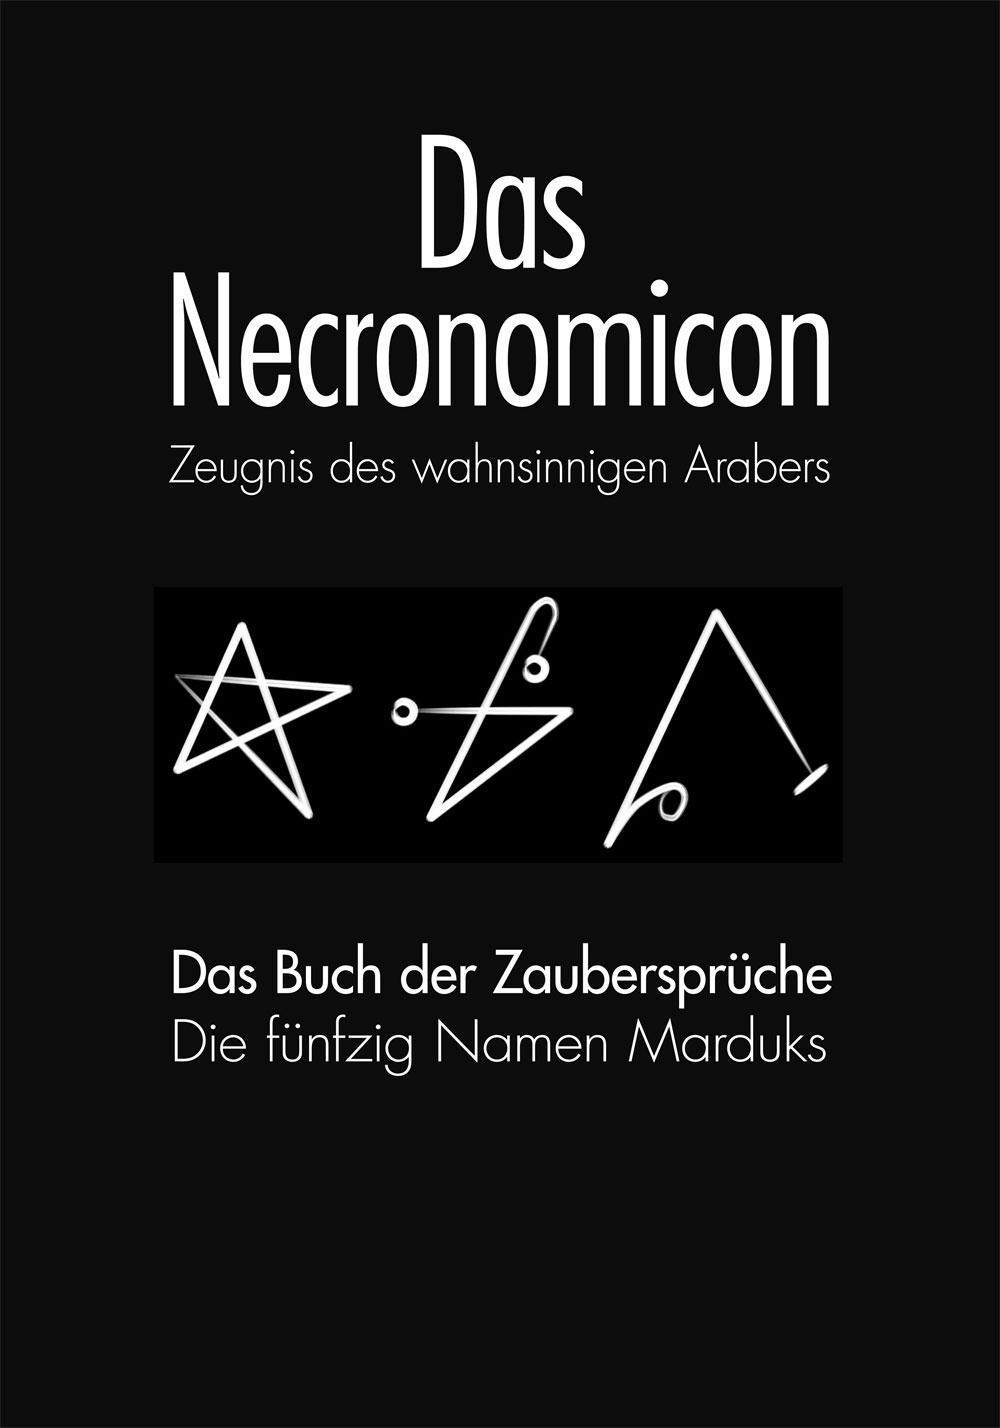 Das Necronomicon und Das Necronomicon-Buch der Zaubersprüche Anonymus